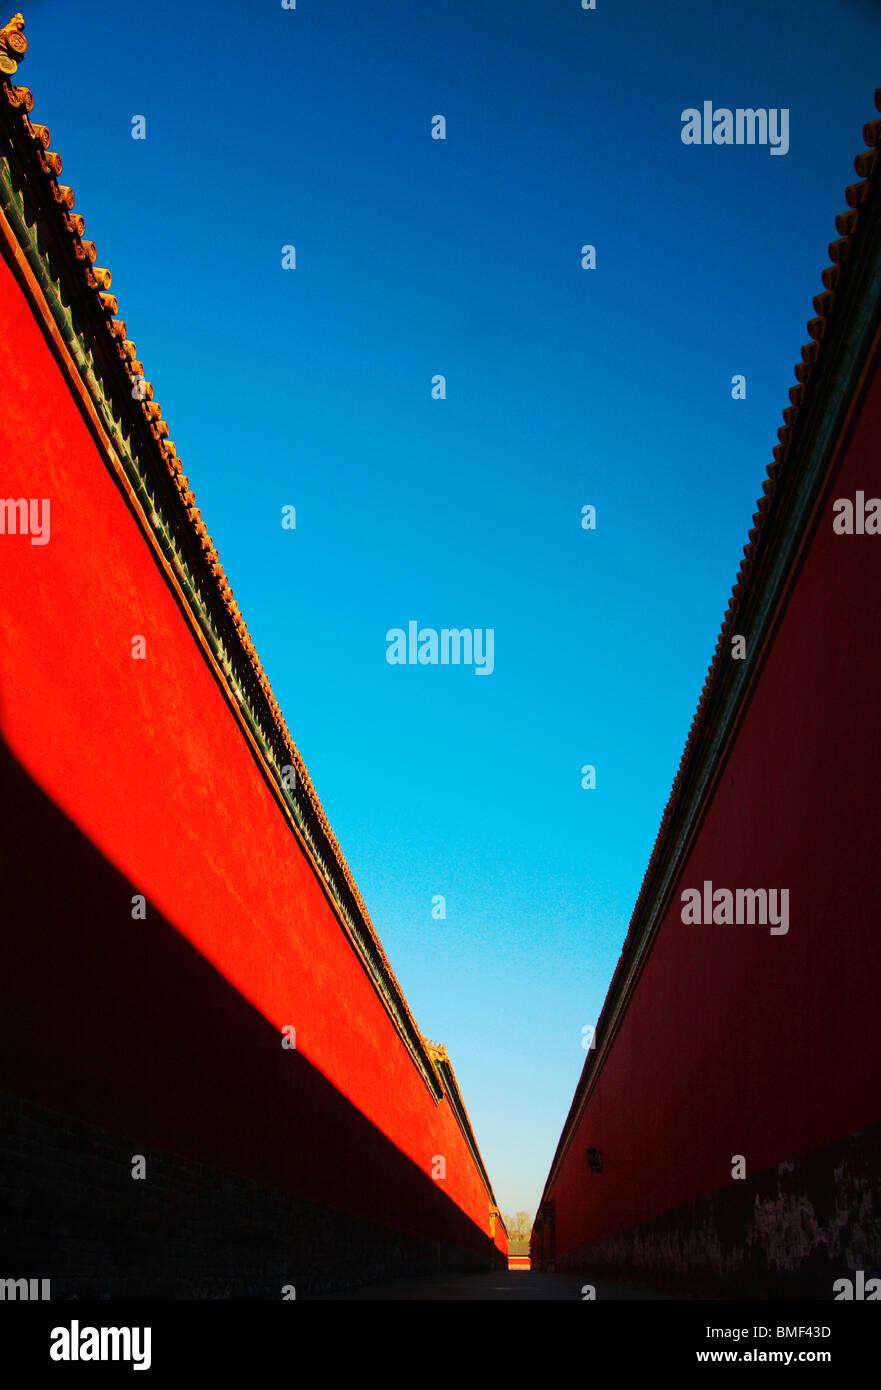 O Palácio Vermelho muro da Cidade Proibida, Pequim, China Imagens de Stock